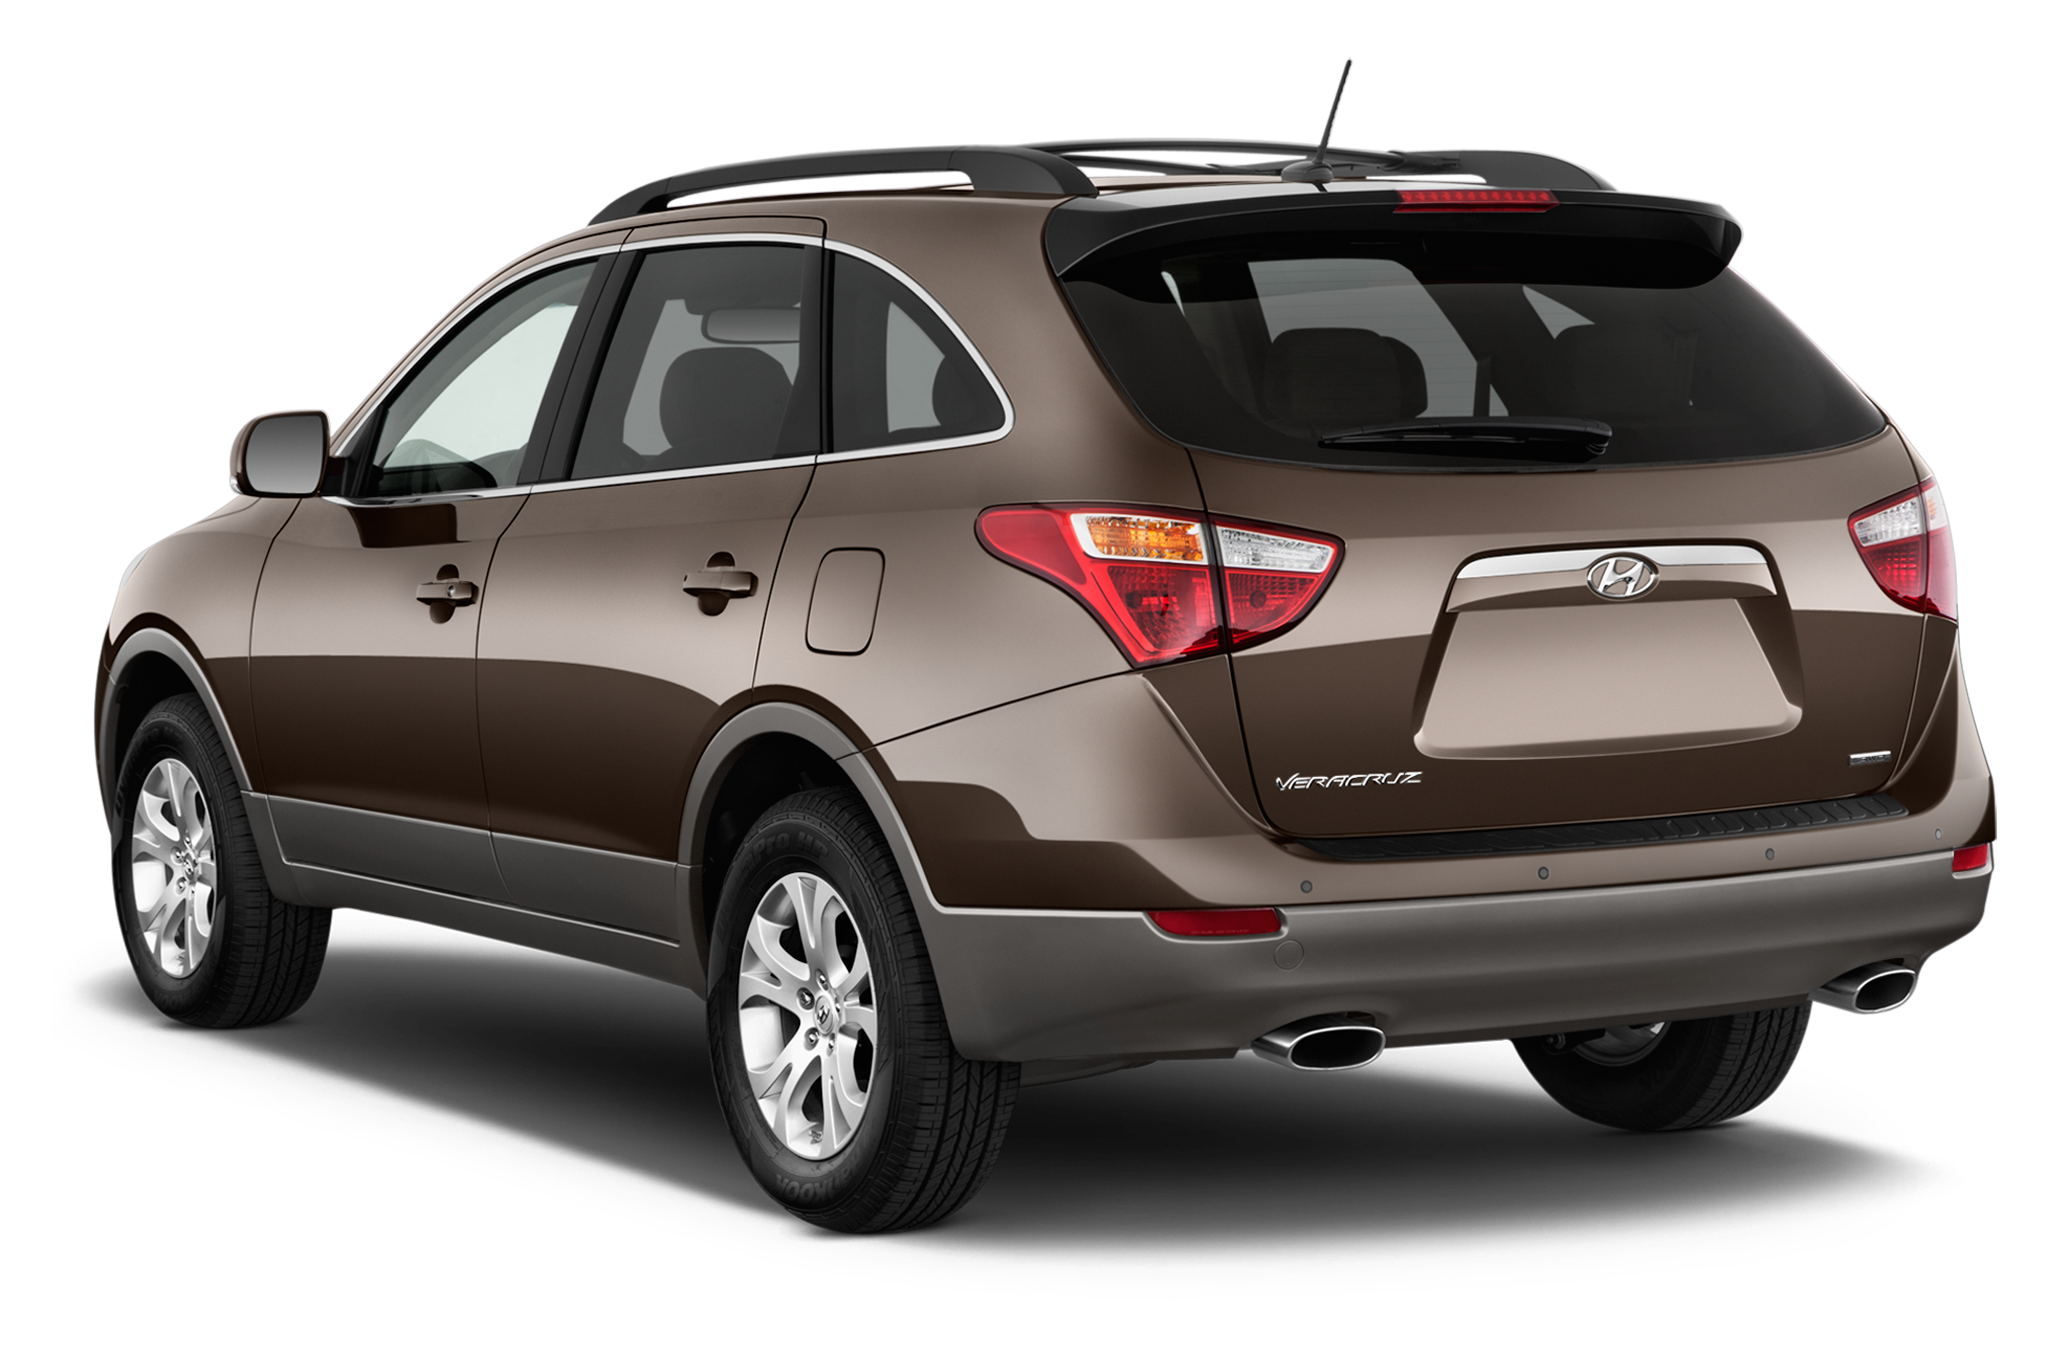 Hyundai Veracruz 2006 - 2015 SUV 5 door #4